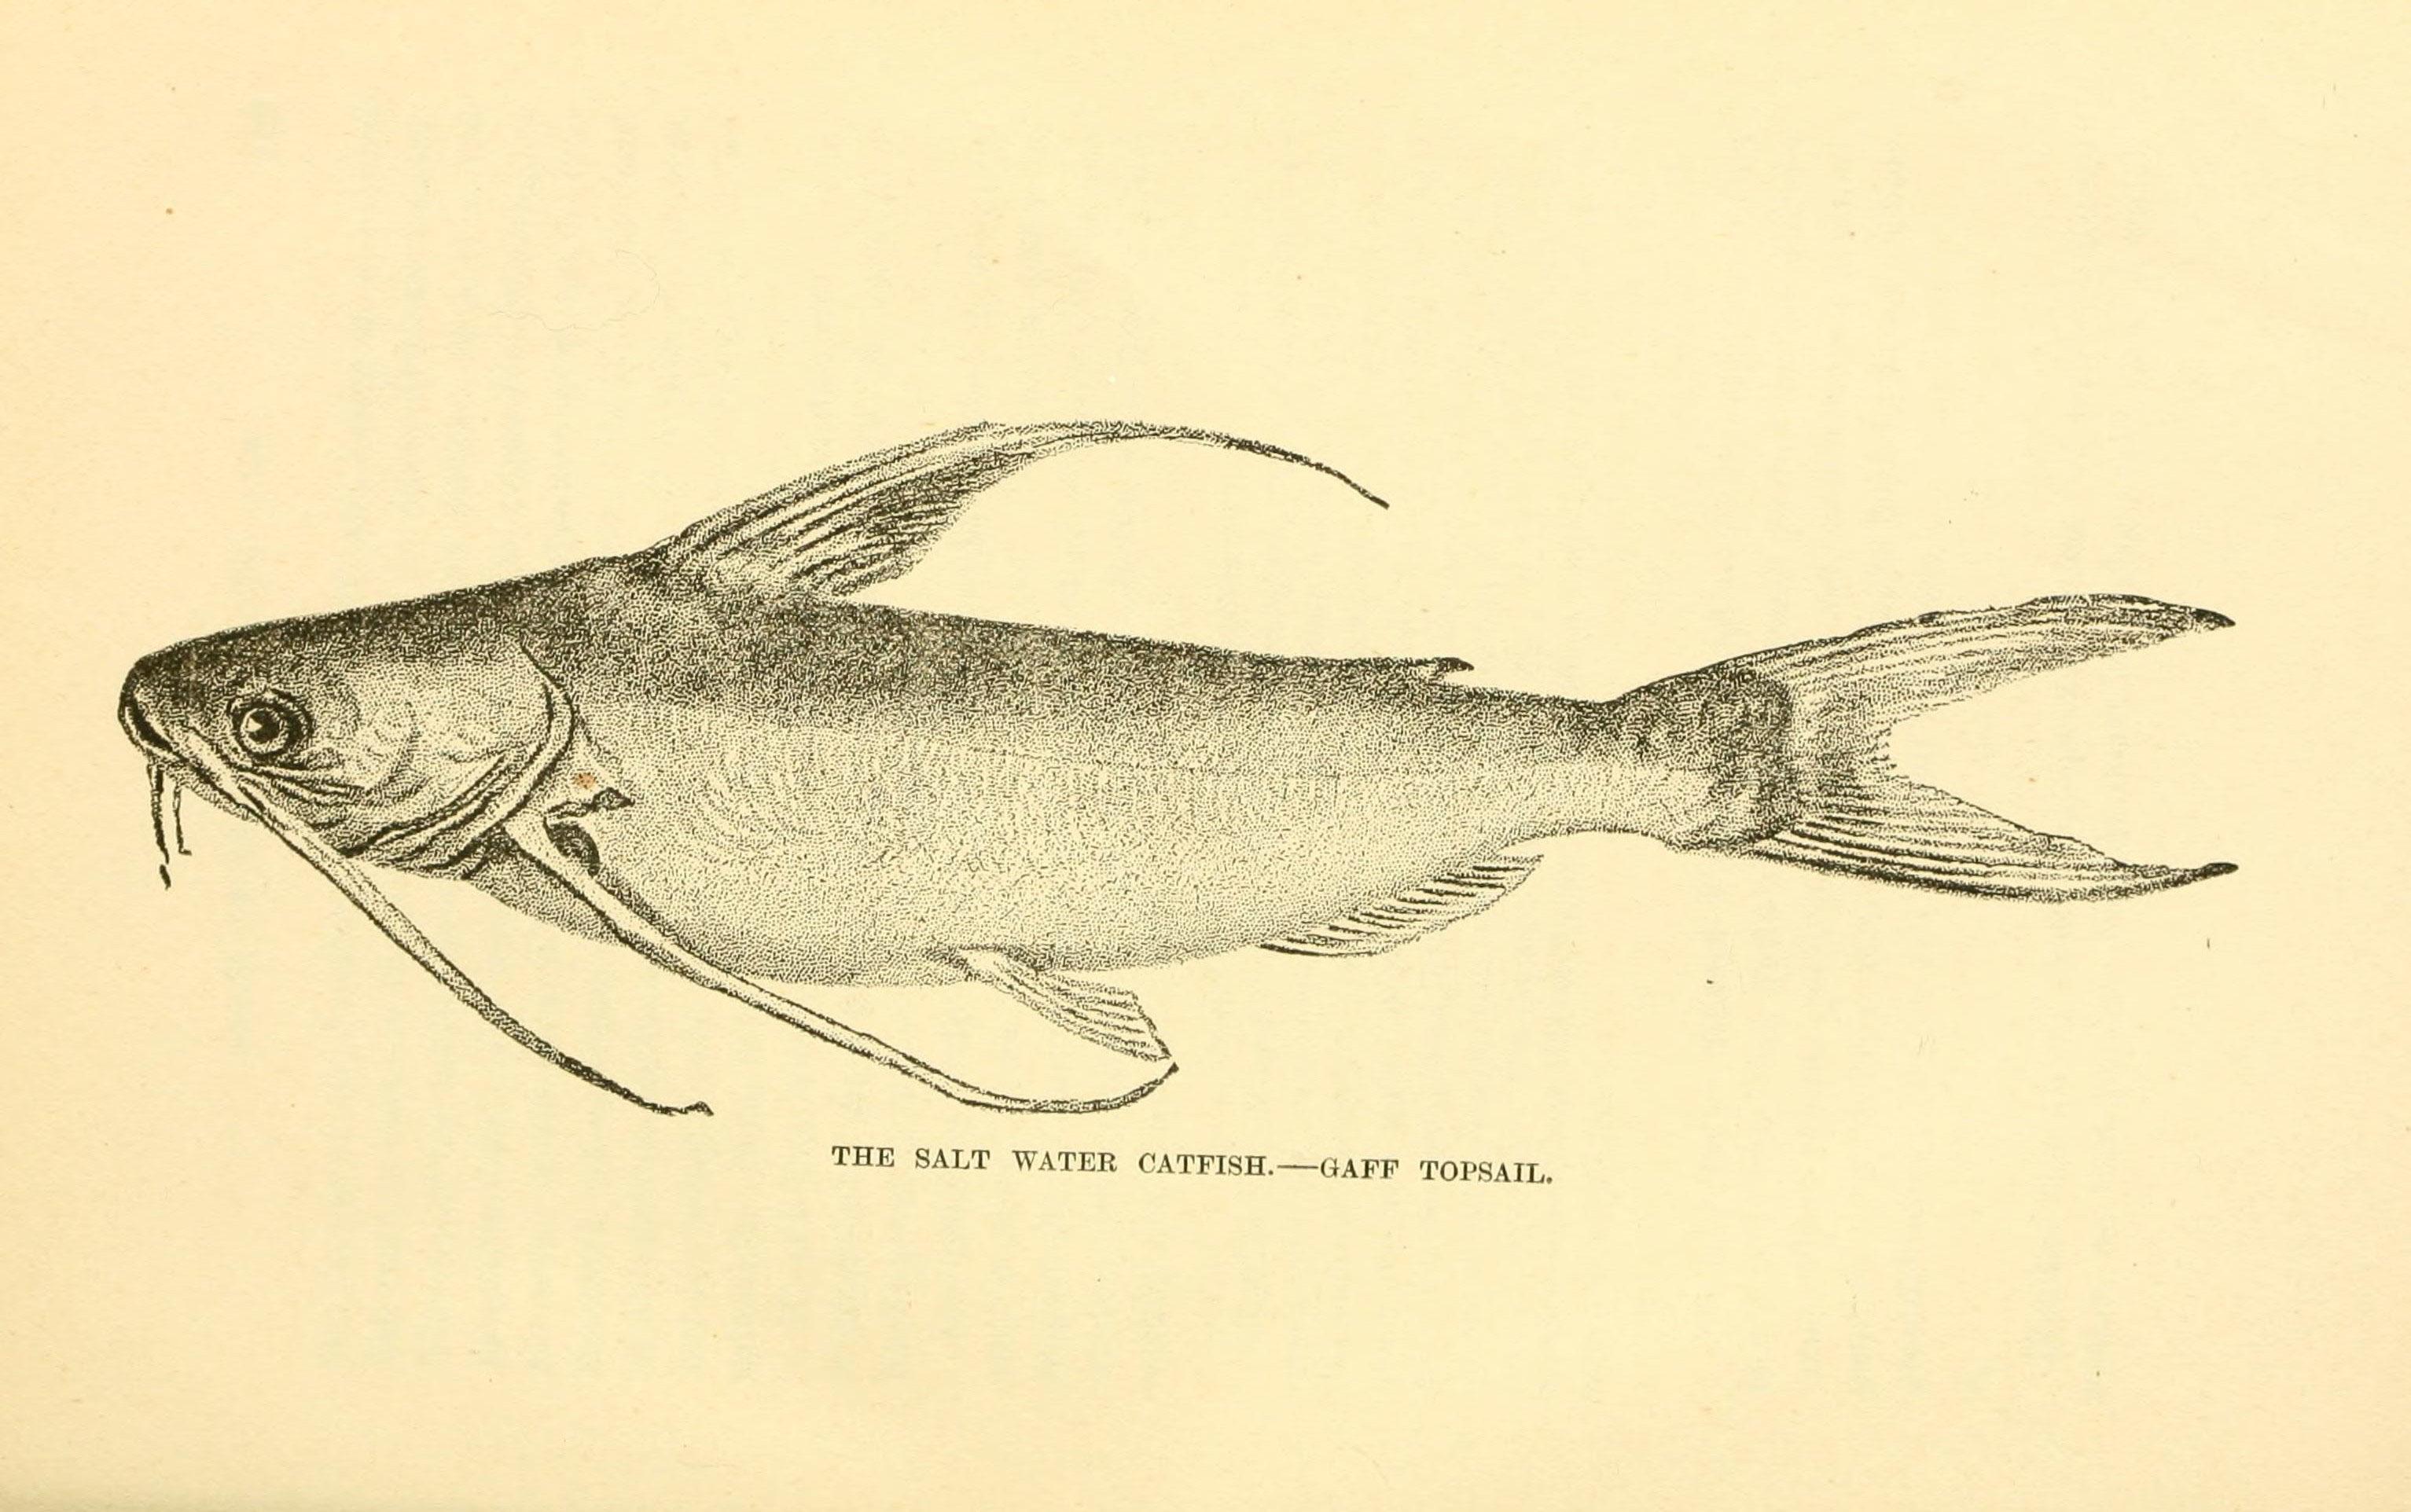 Image of Gafftopsail Sea Catfish